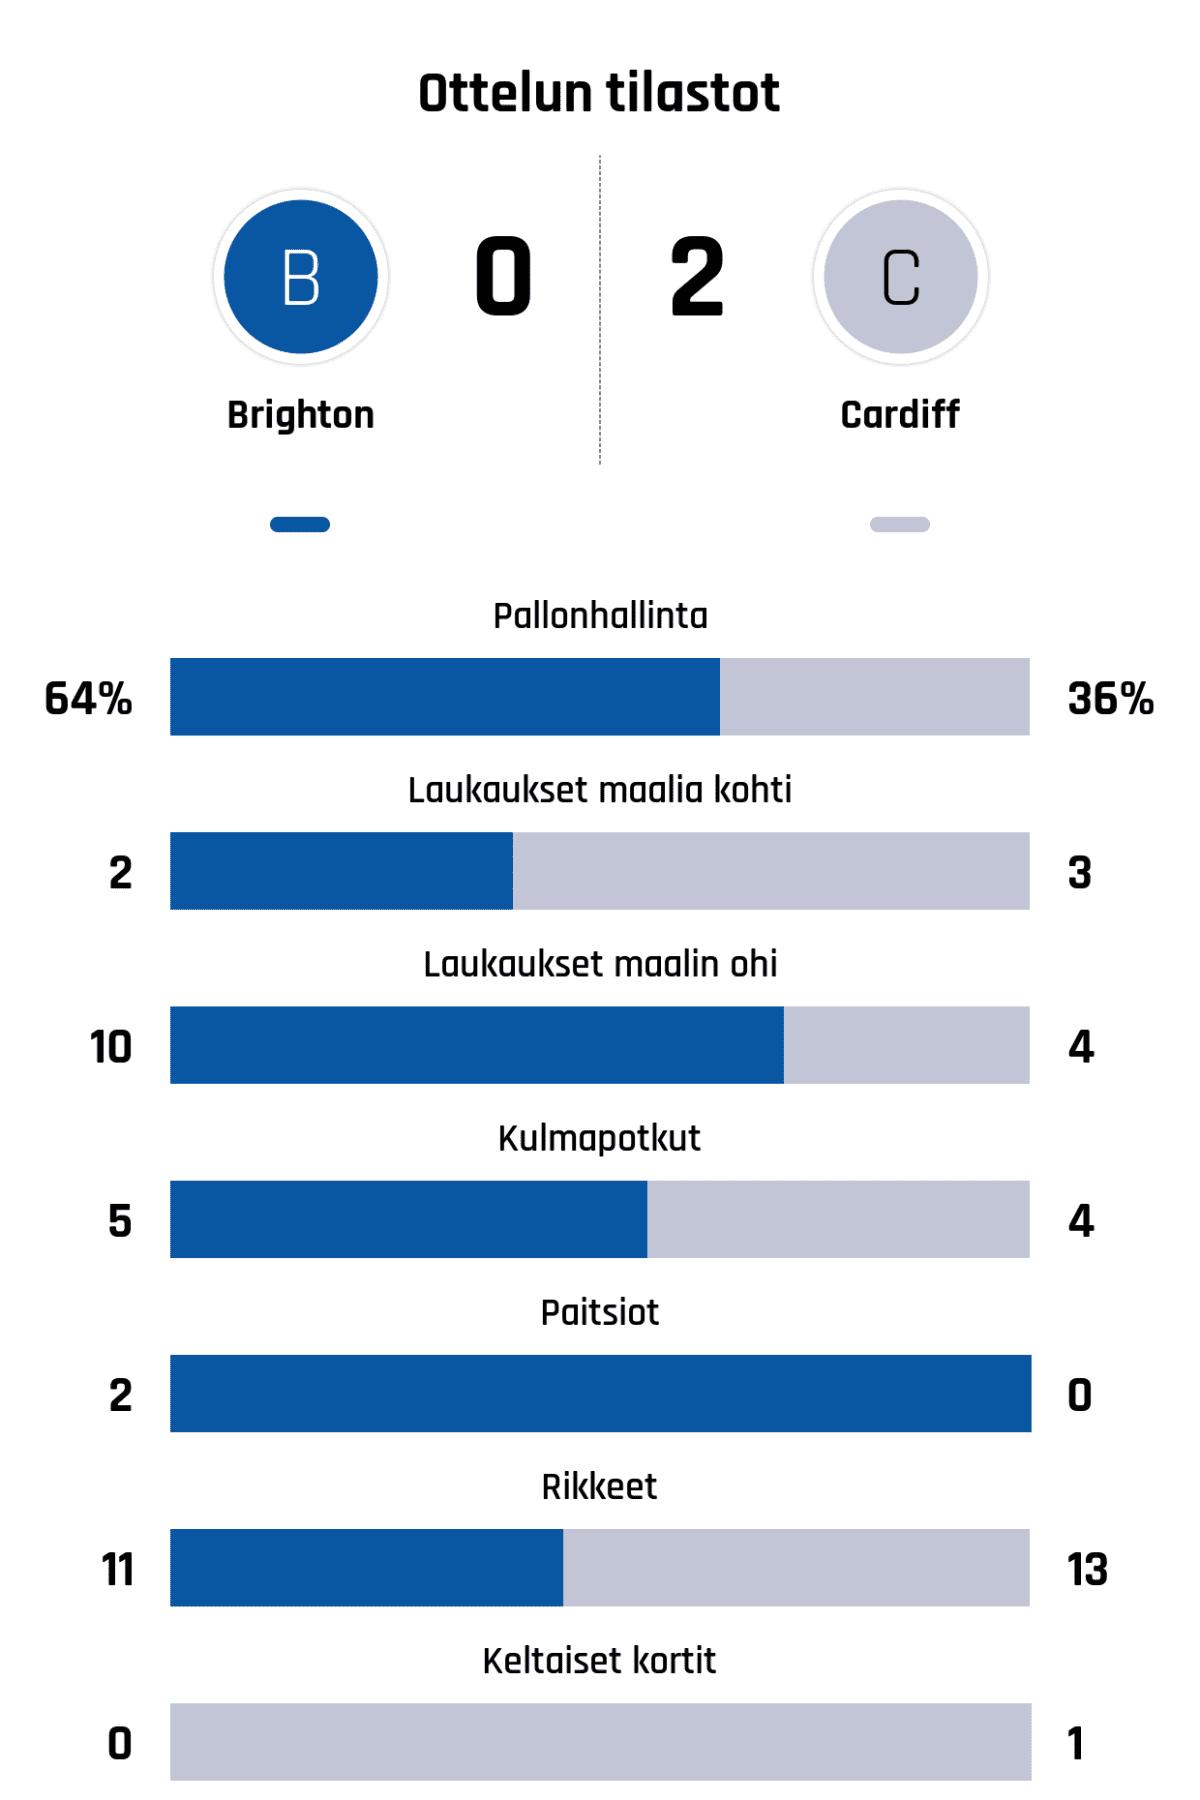 Pallonhallinta 64%-36% Laukaukset maalia kohti 2-3 Laukaukset maalin ohi 10-4 Kulmapotkut 5-4 Paitsiot 2-0 Rikkeet 11-13 Keltaiset kortit 0-1